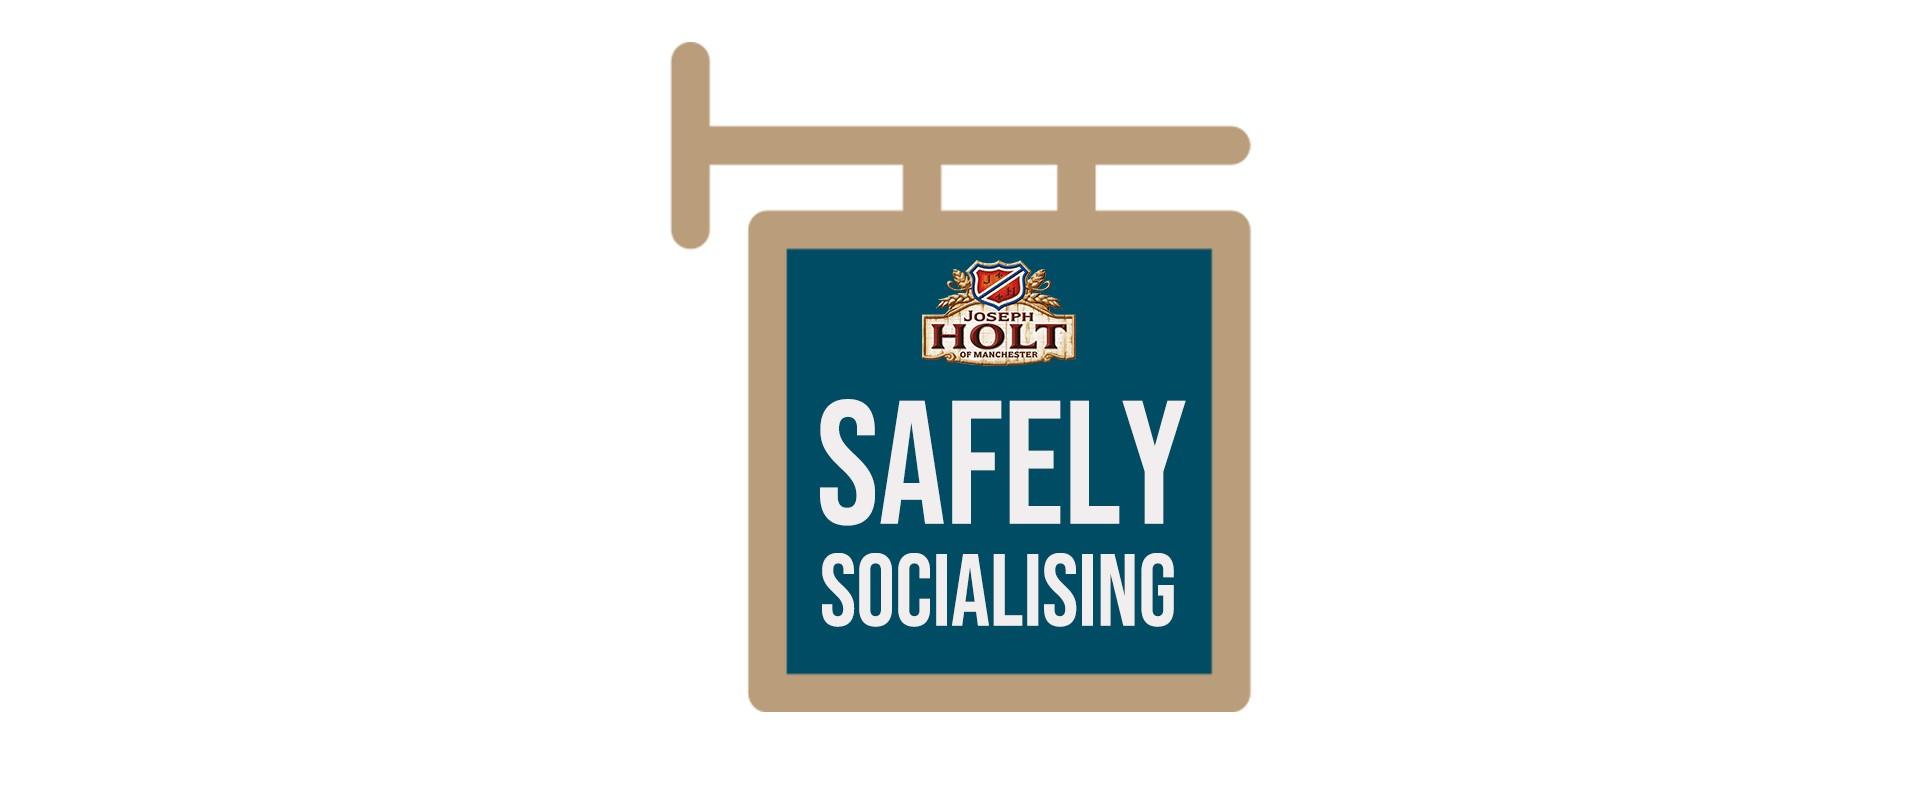 Safely socialising header logo